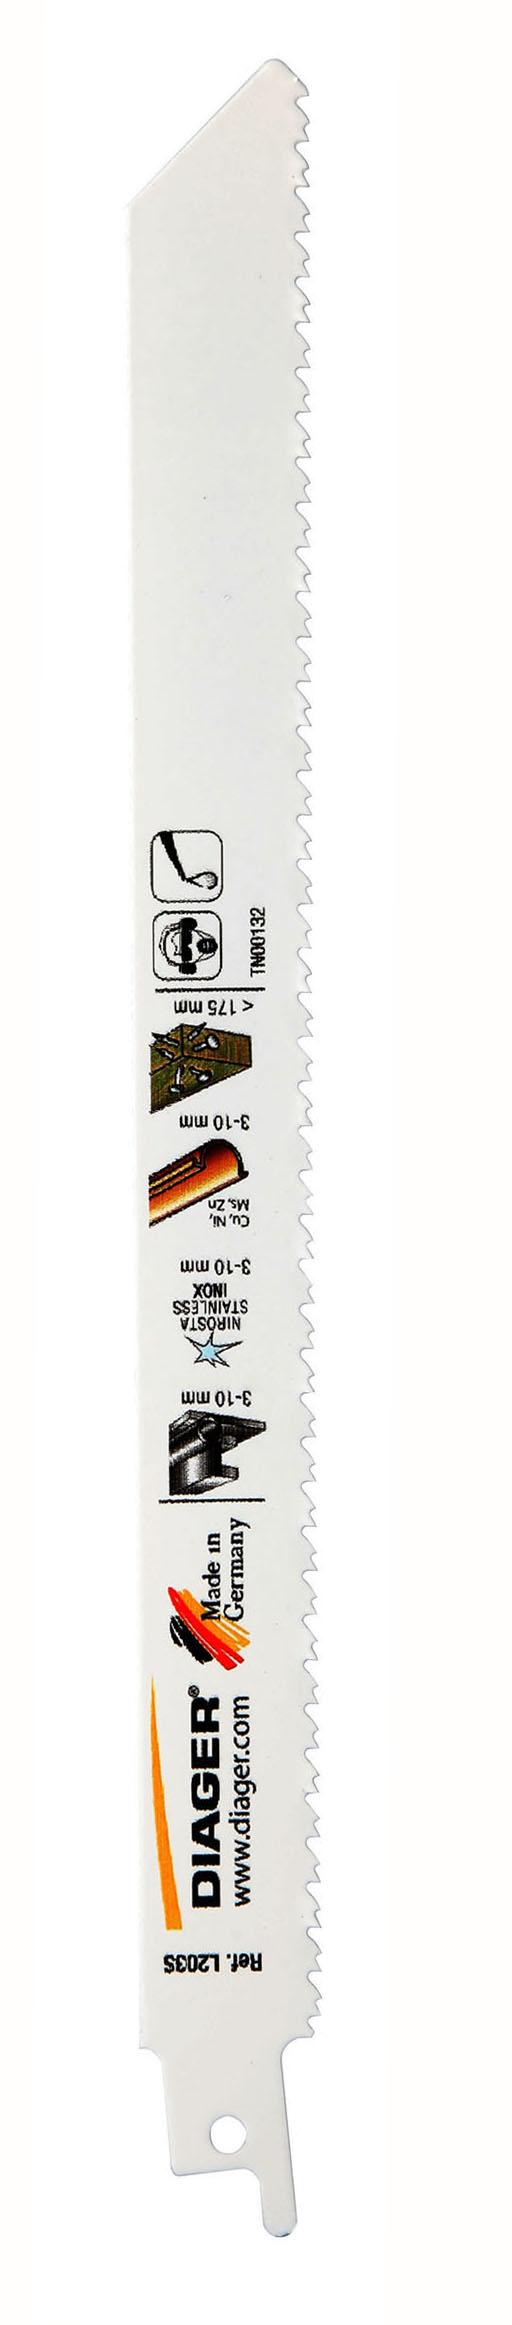 Sciage Aluminium, acier et cuivre Lame de scie sabre denture Twin-cut - L203S.jpg